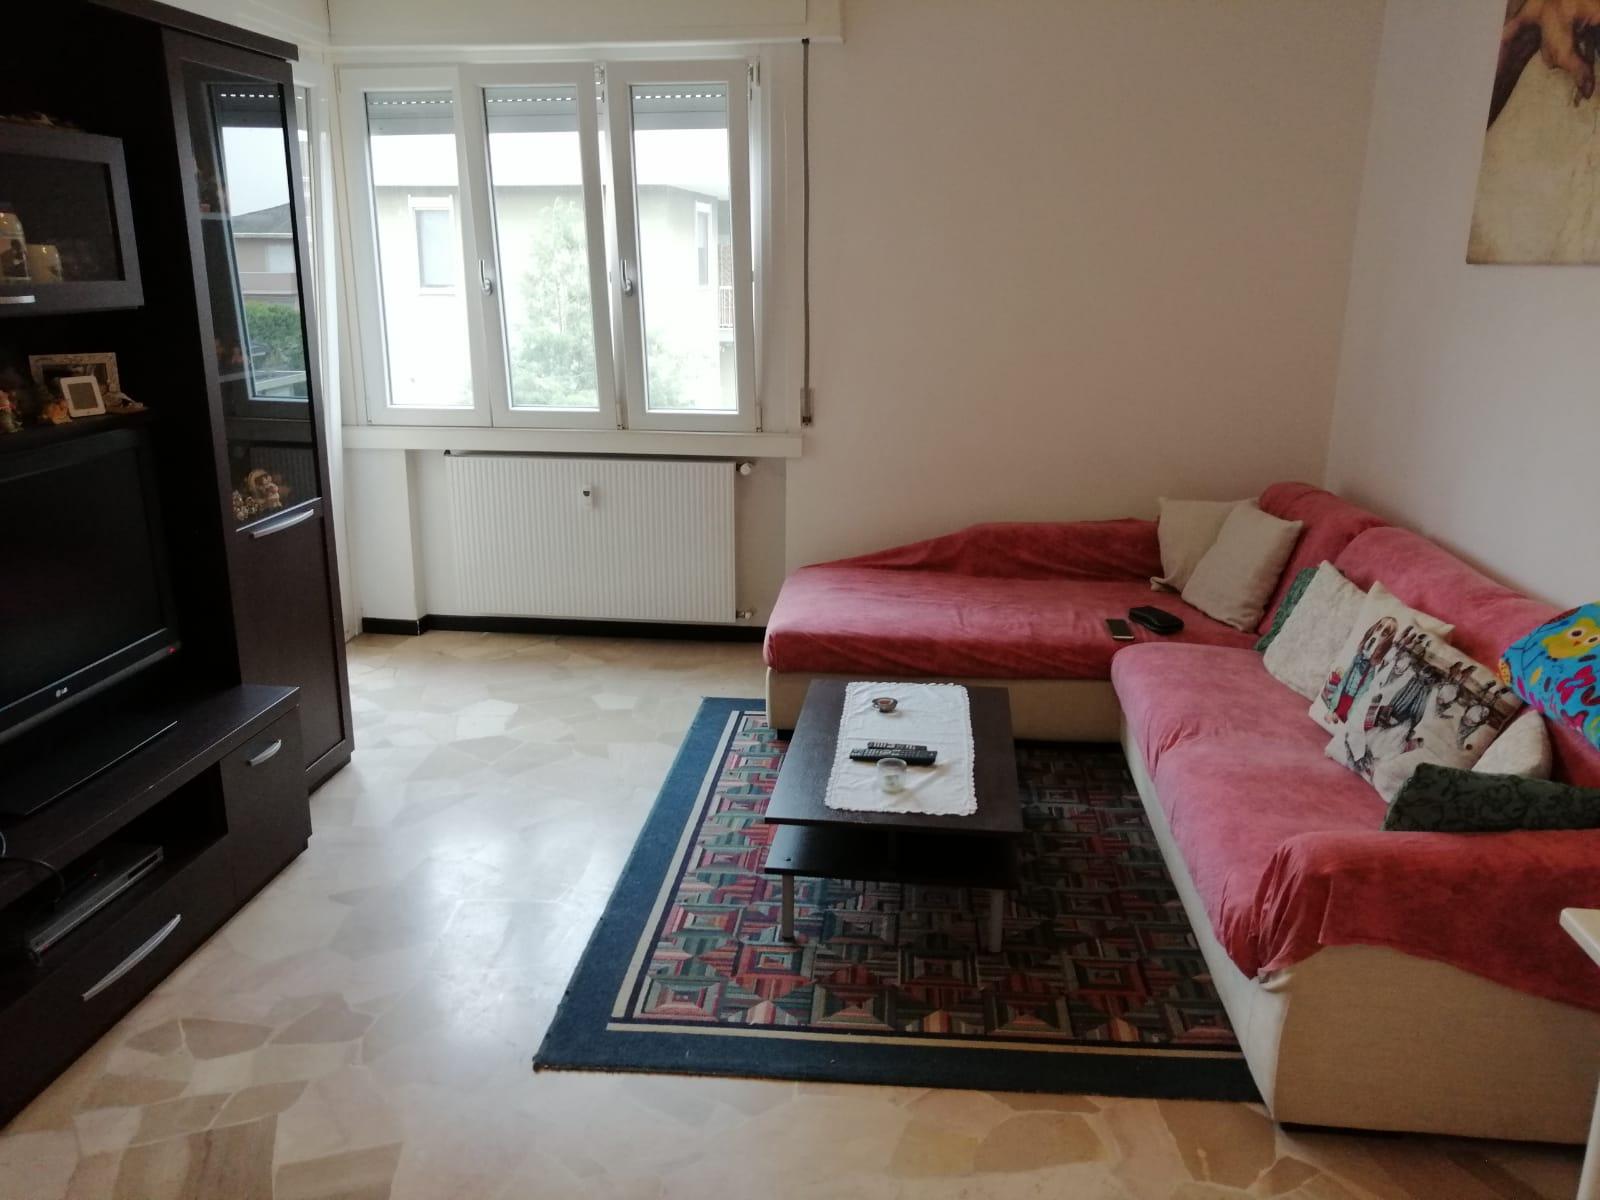 Appartamento in vendita a Galliate, 3 locali, prezzo € 75.000 | CambioCasa.it